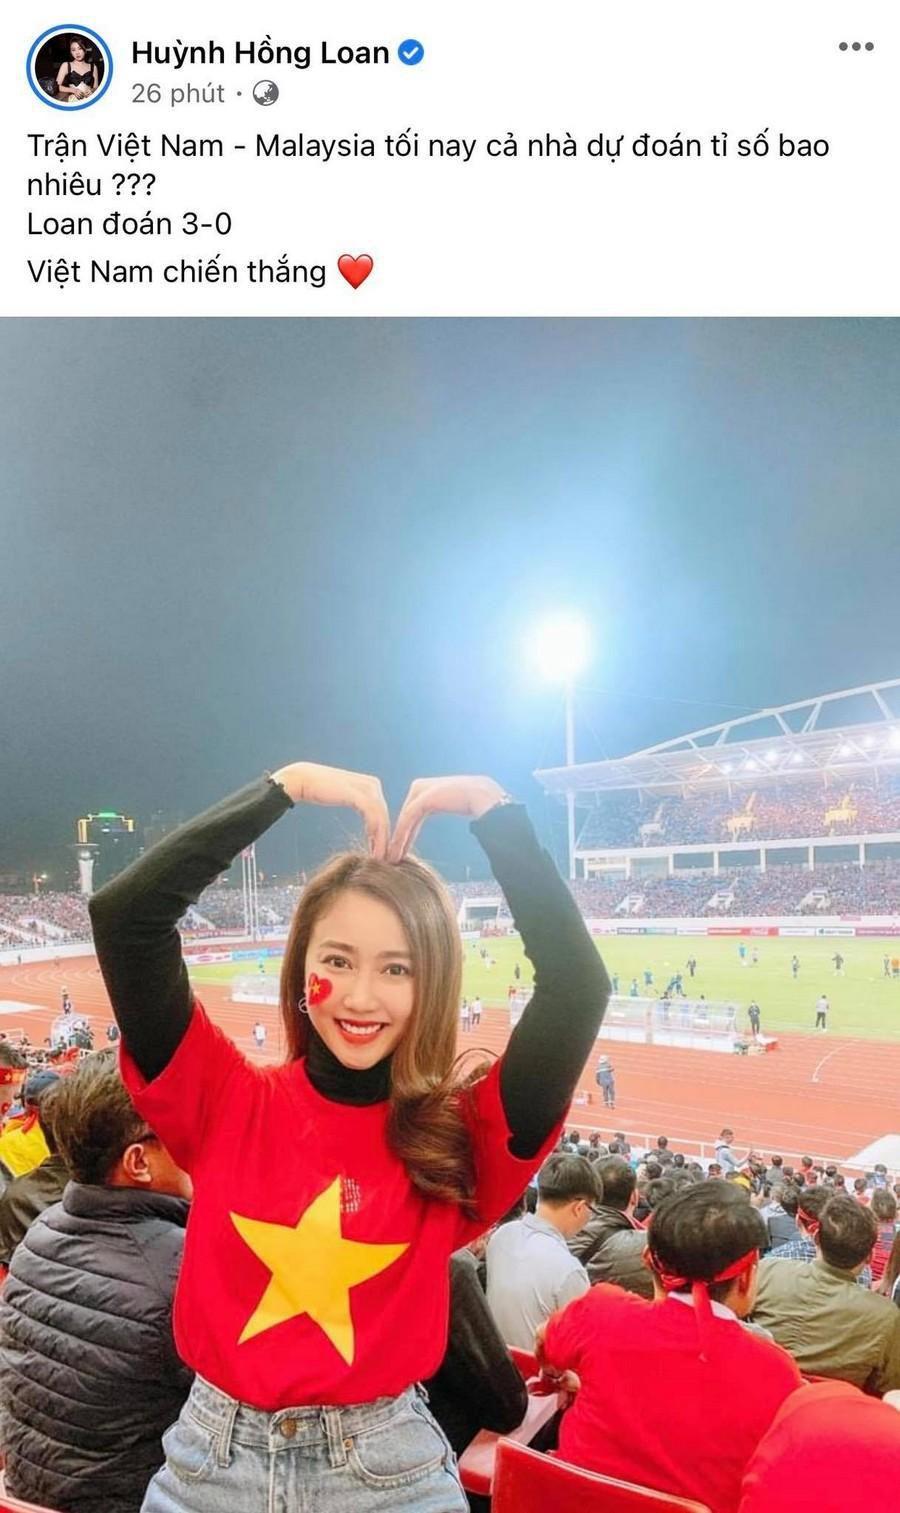 Dàn Hoa hậu, Á hậu nô nức cổ vũ, vỡ òa khi đội tuyển Việt Nam thắng 2-1 trước Malaysia Ảnh 12